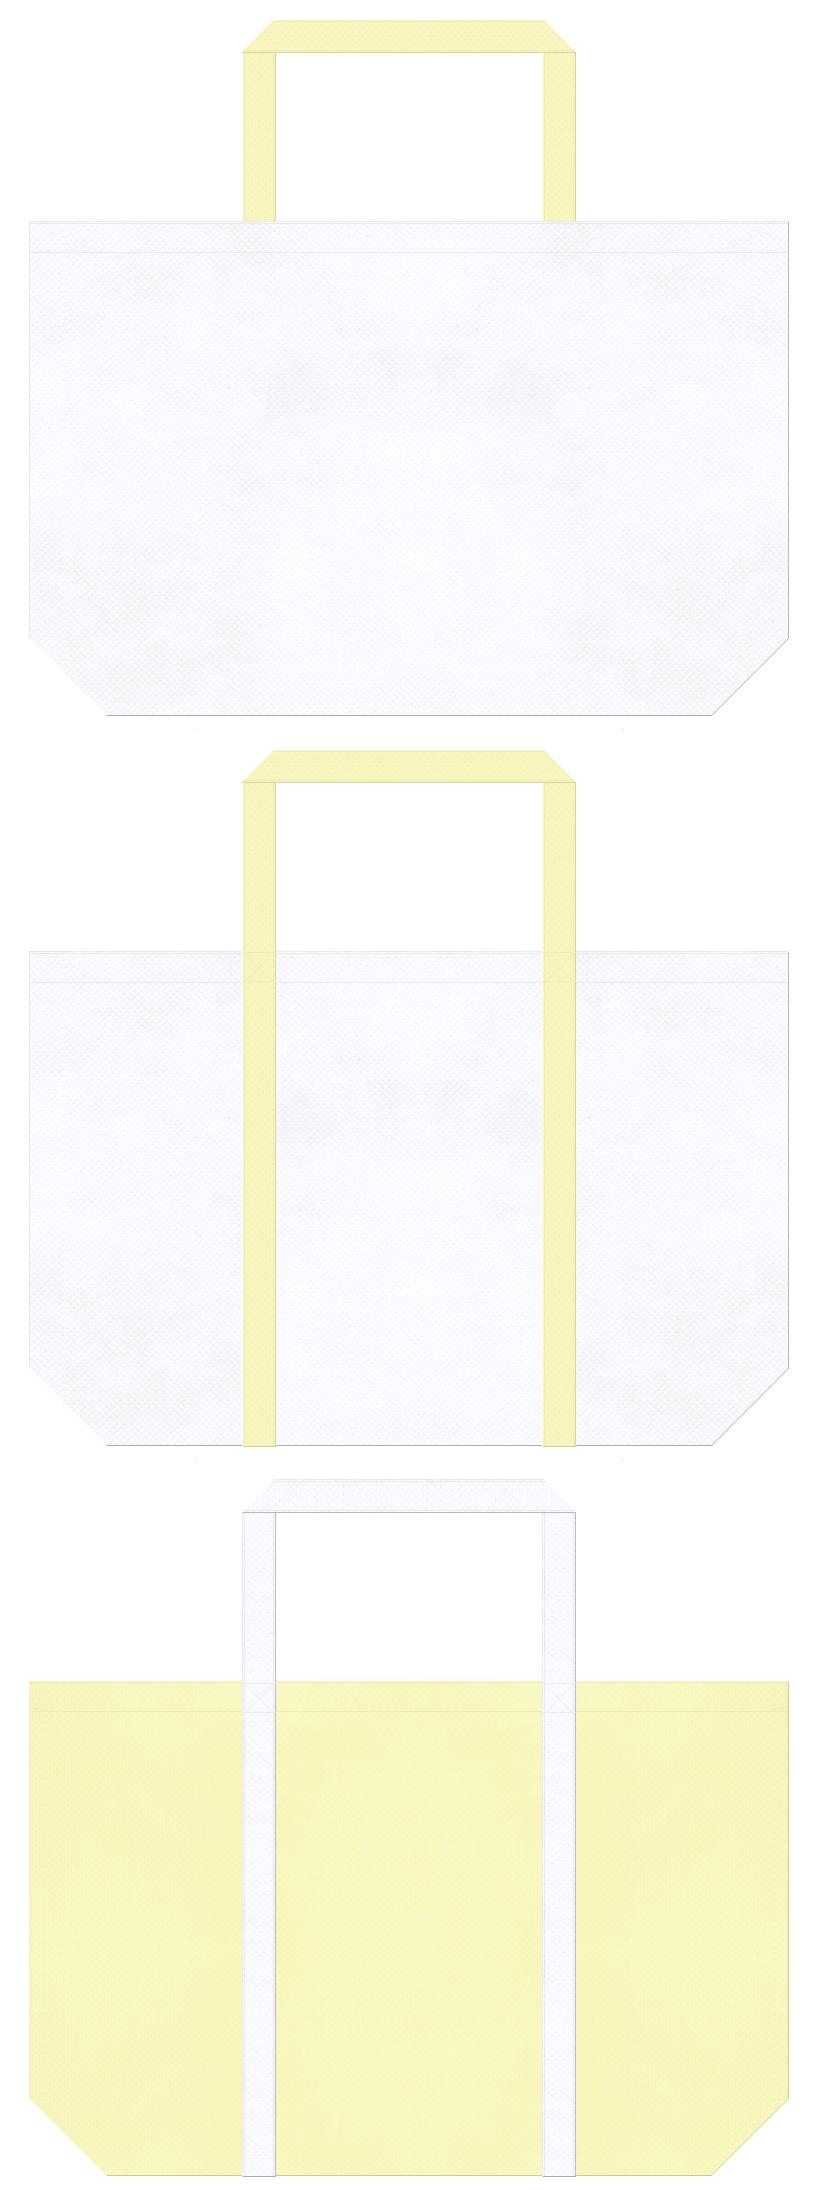 保育・福祉・介護・パステルカラー・ガーリーデザインにお奨めの不織布バッグデザイン:白色と薄黄色のコーデ